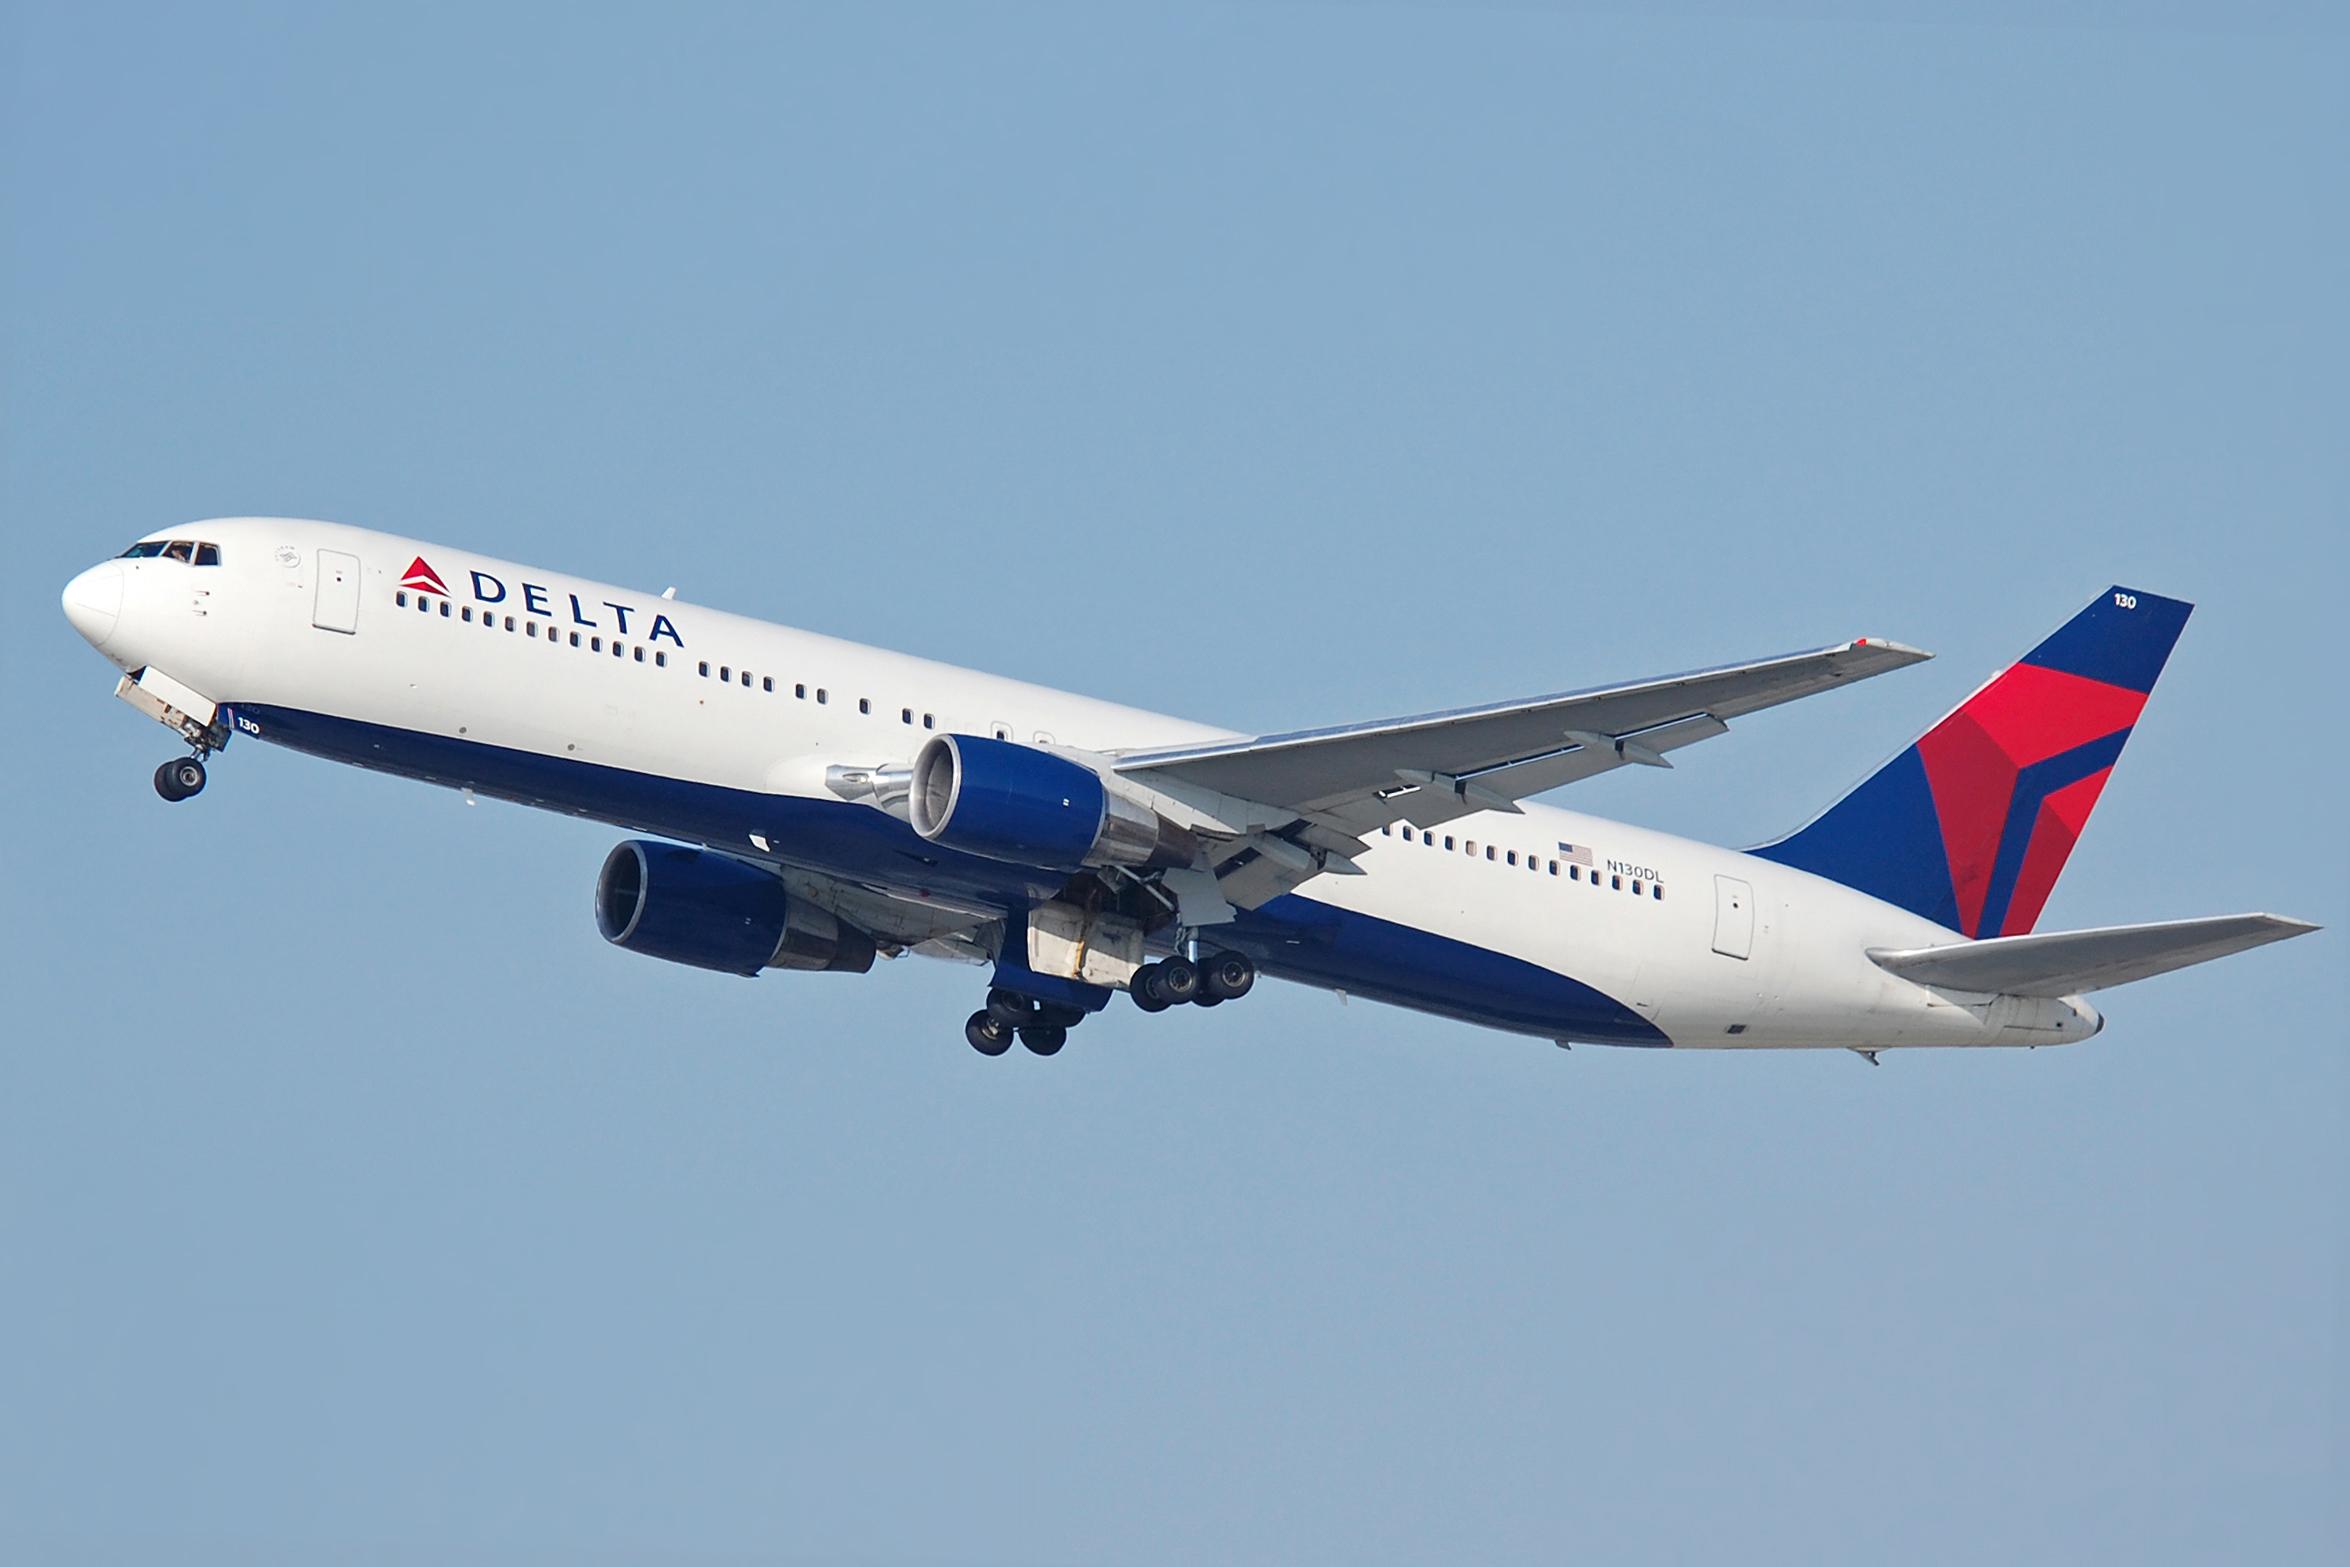 En Boeing 767-300 fra Delta Air Lines. Foto: Richard Snyder